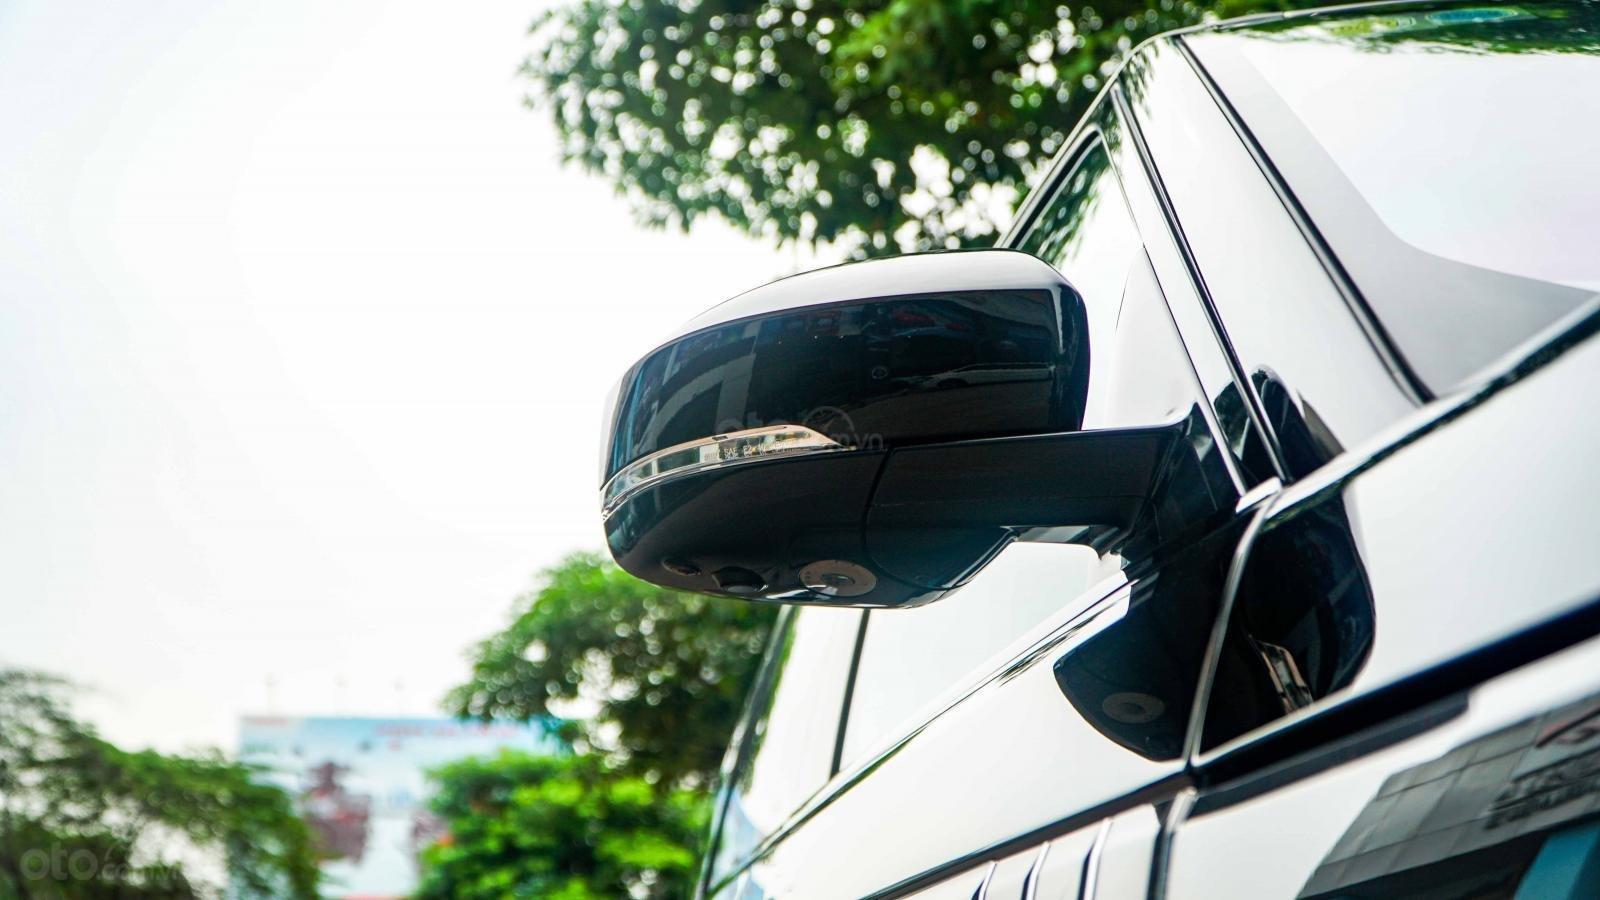 Bán LandRover Range Rover SV Autobiography 5.0 đời 2016, hai màu xám đen, lướt 1v7 km (16)